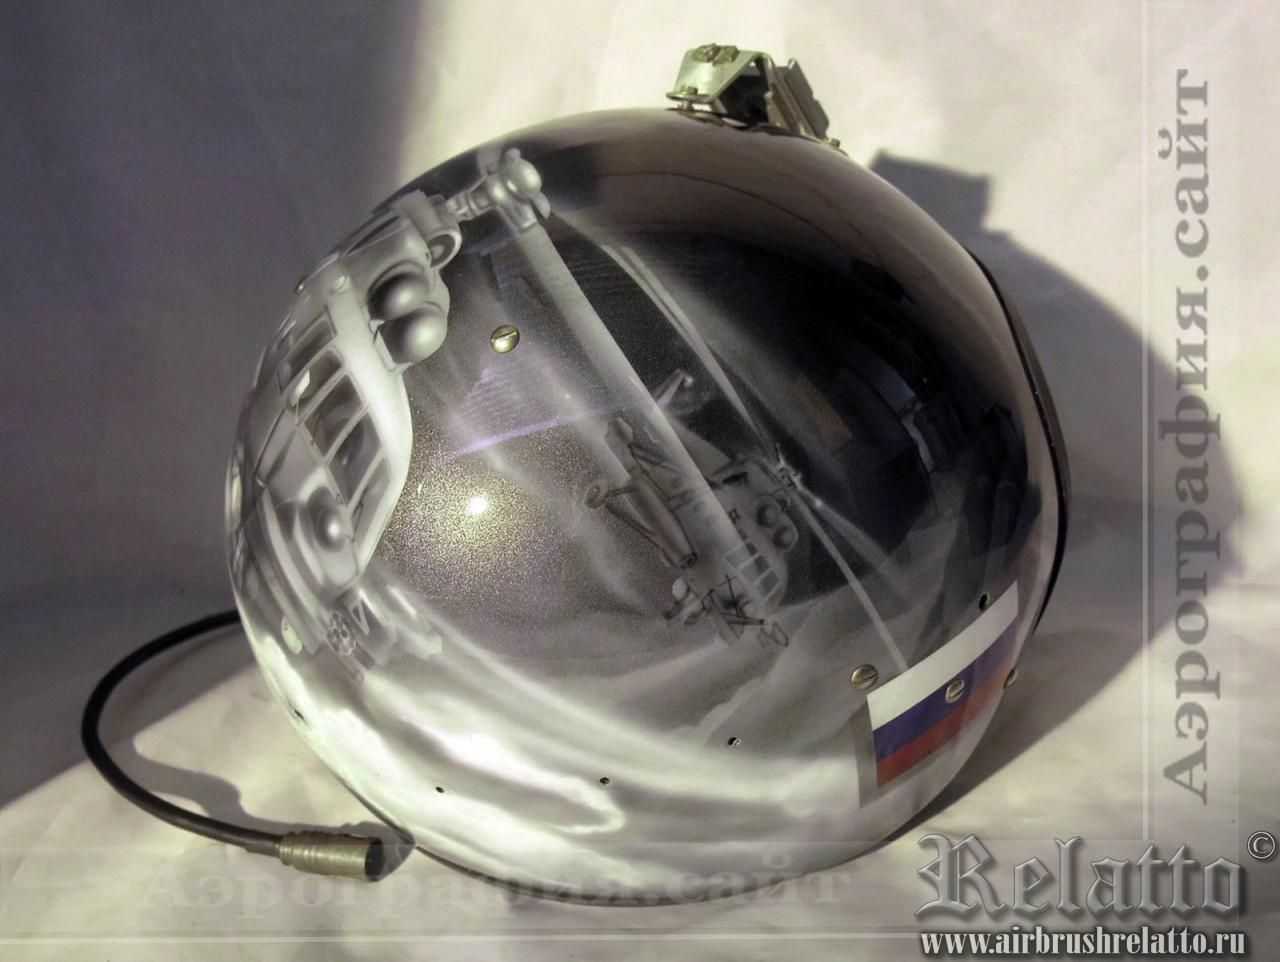 Рисунок на вертолетном шлеме